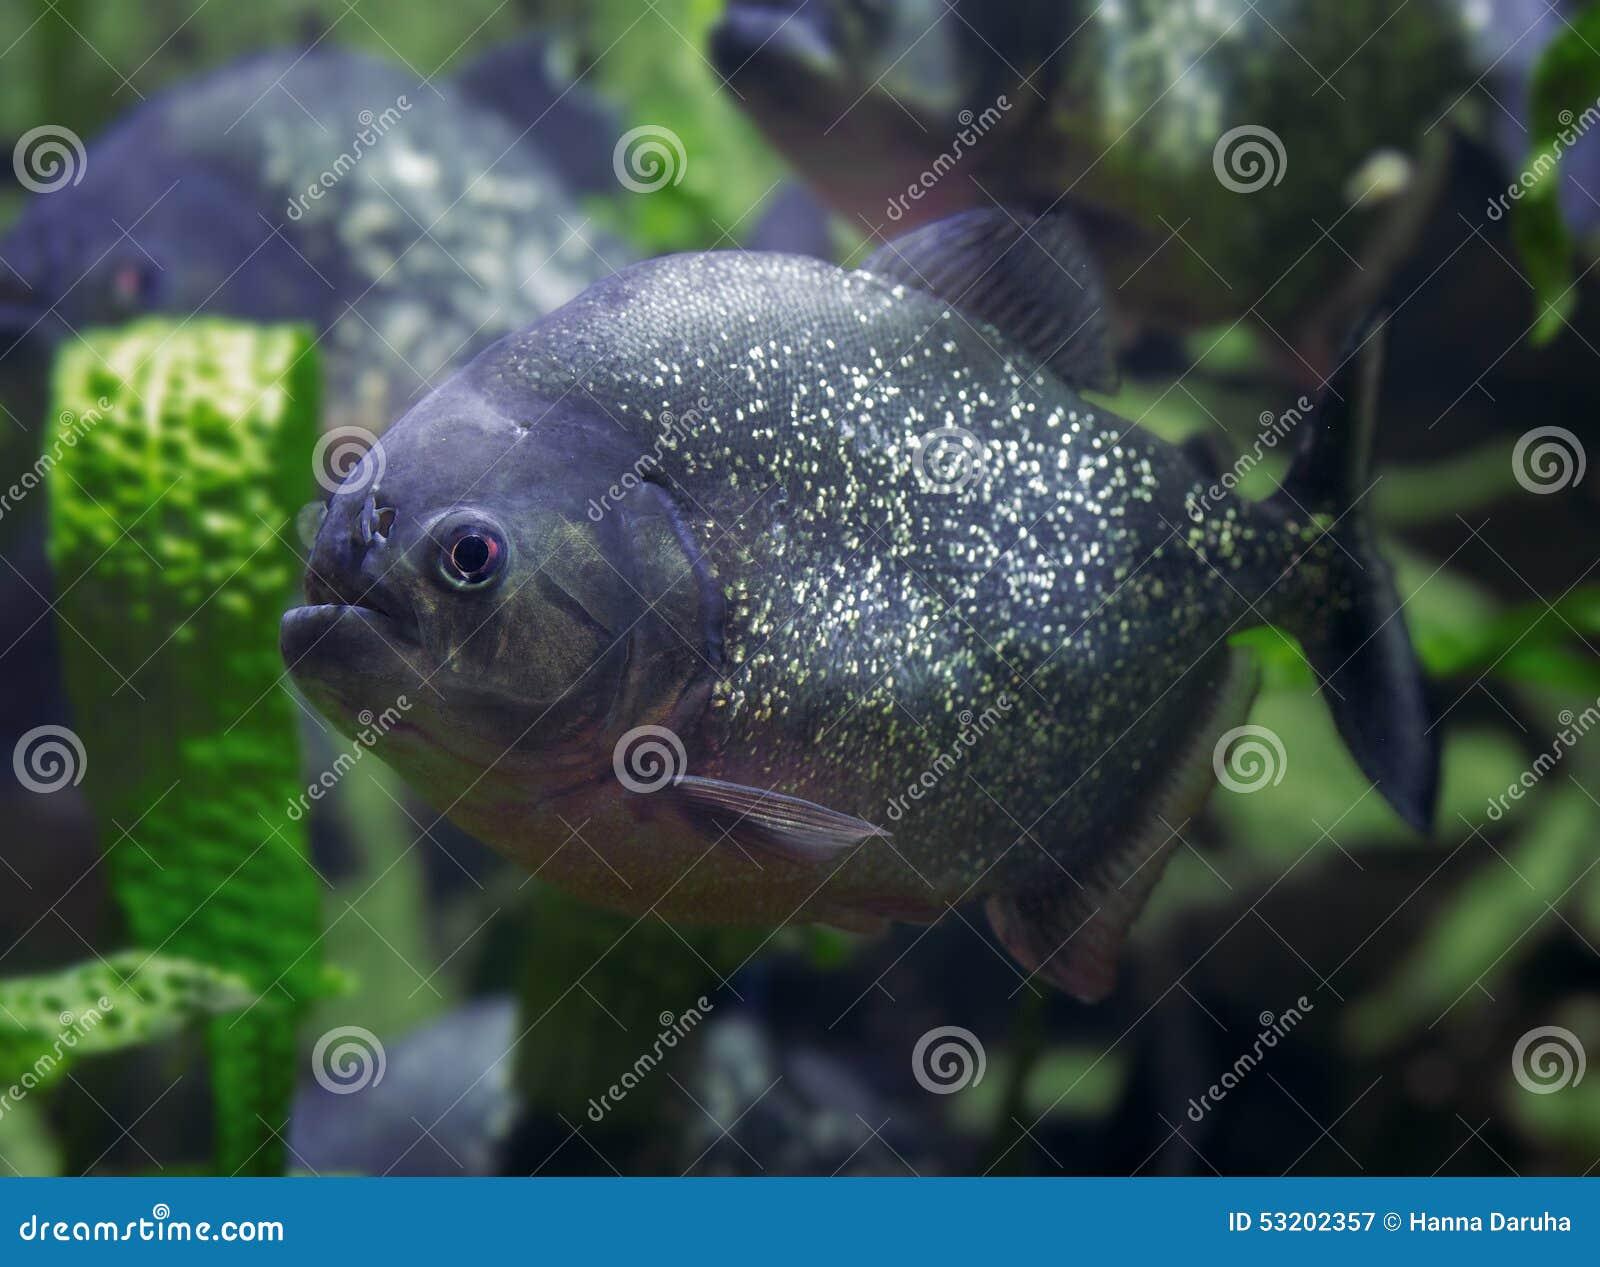 Freshwater aquarium fish piranha - Piranha Predatory Fish Dangerous Fish Royalty Free Stock Photography